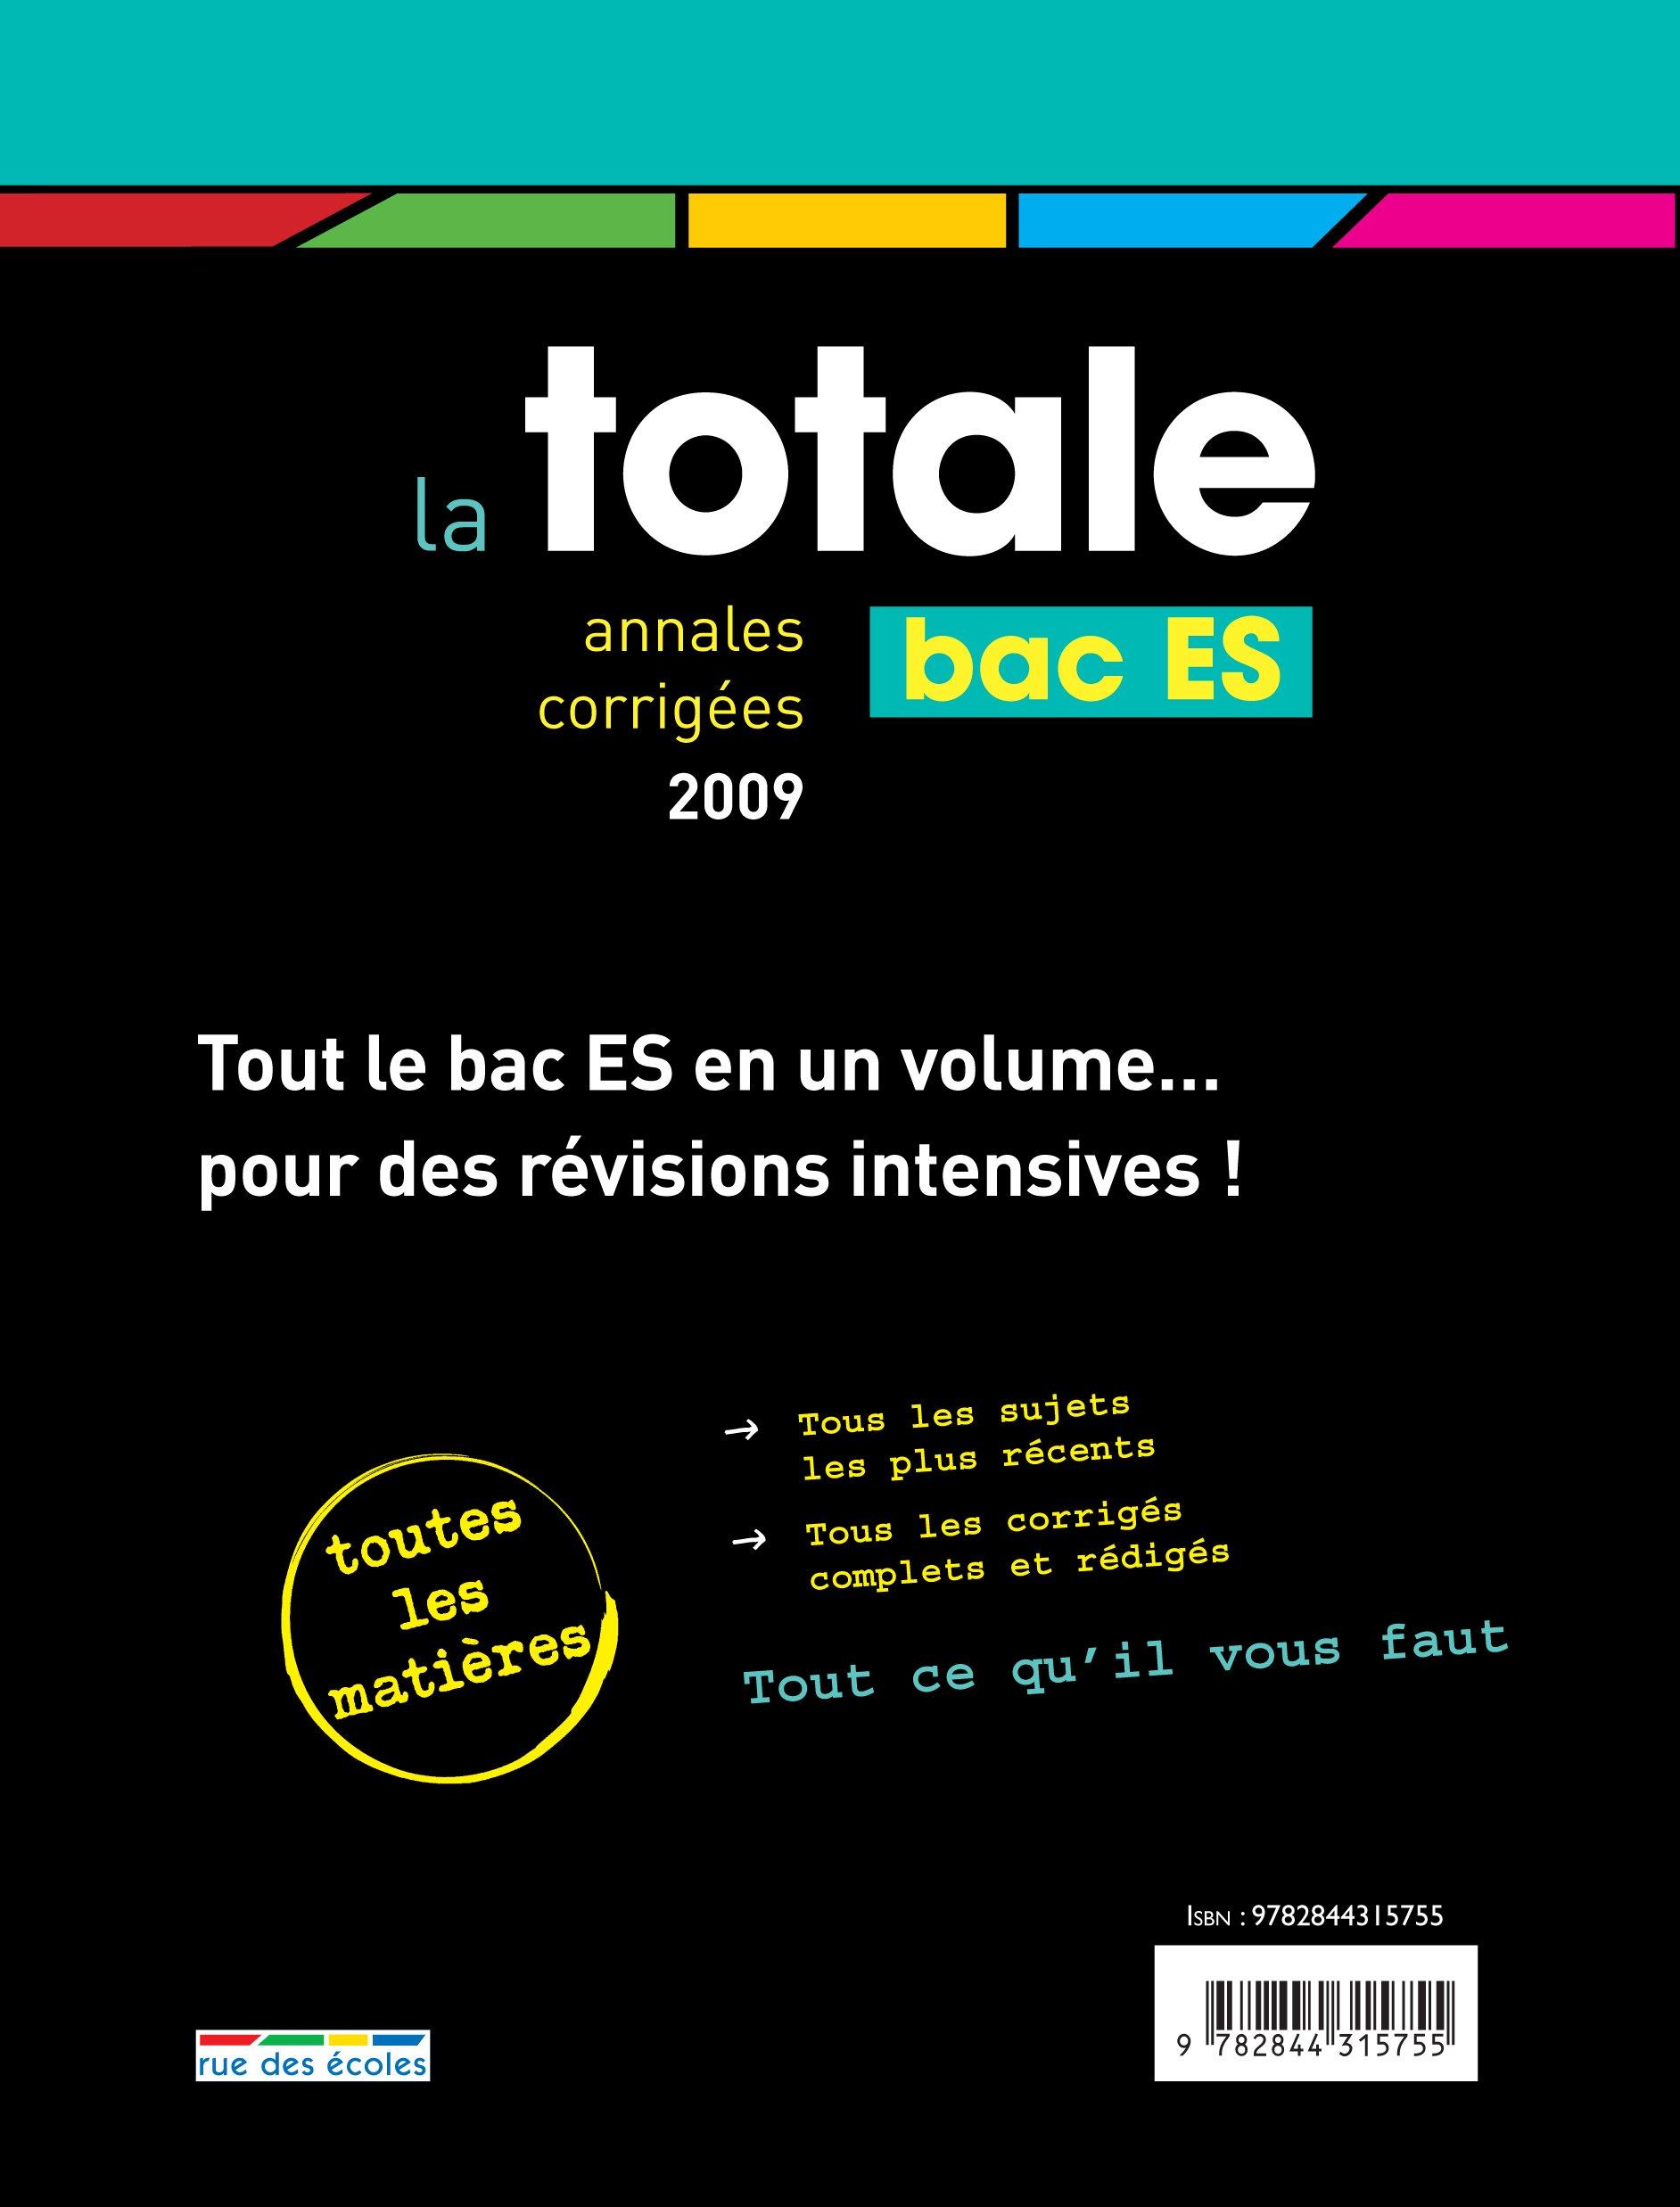 La totale Bac ES : Annales corrigées 2009: 9782844315755: Amazon.com: Books